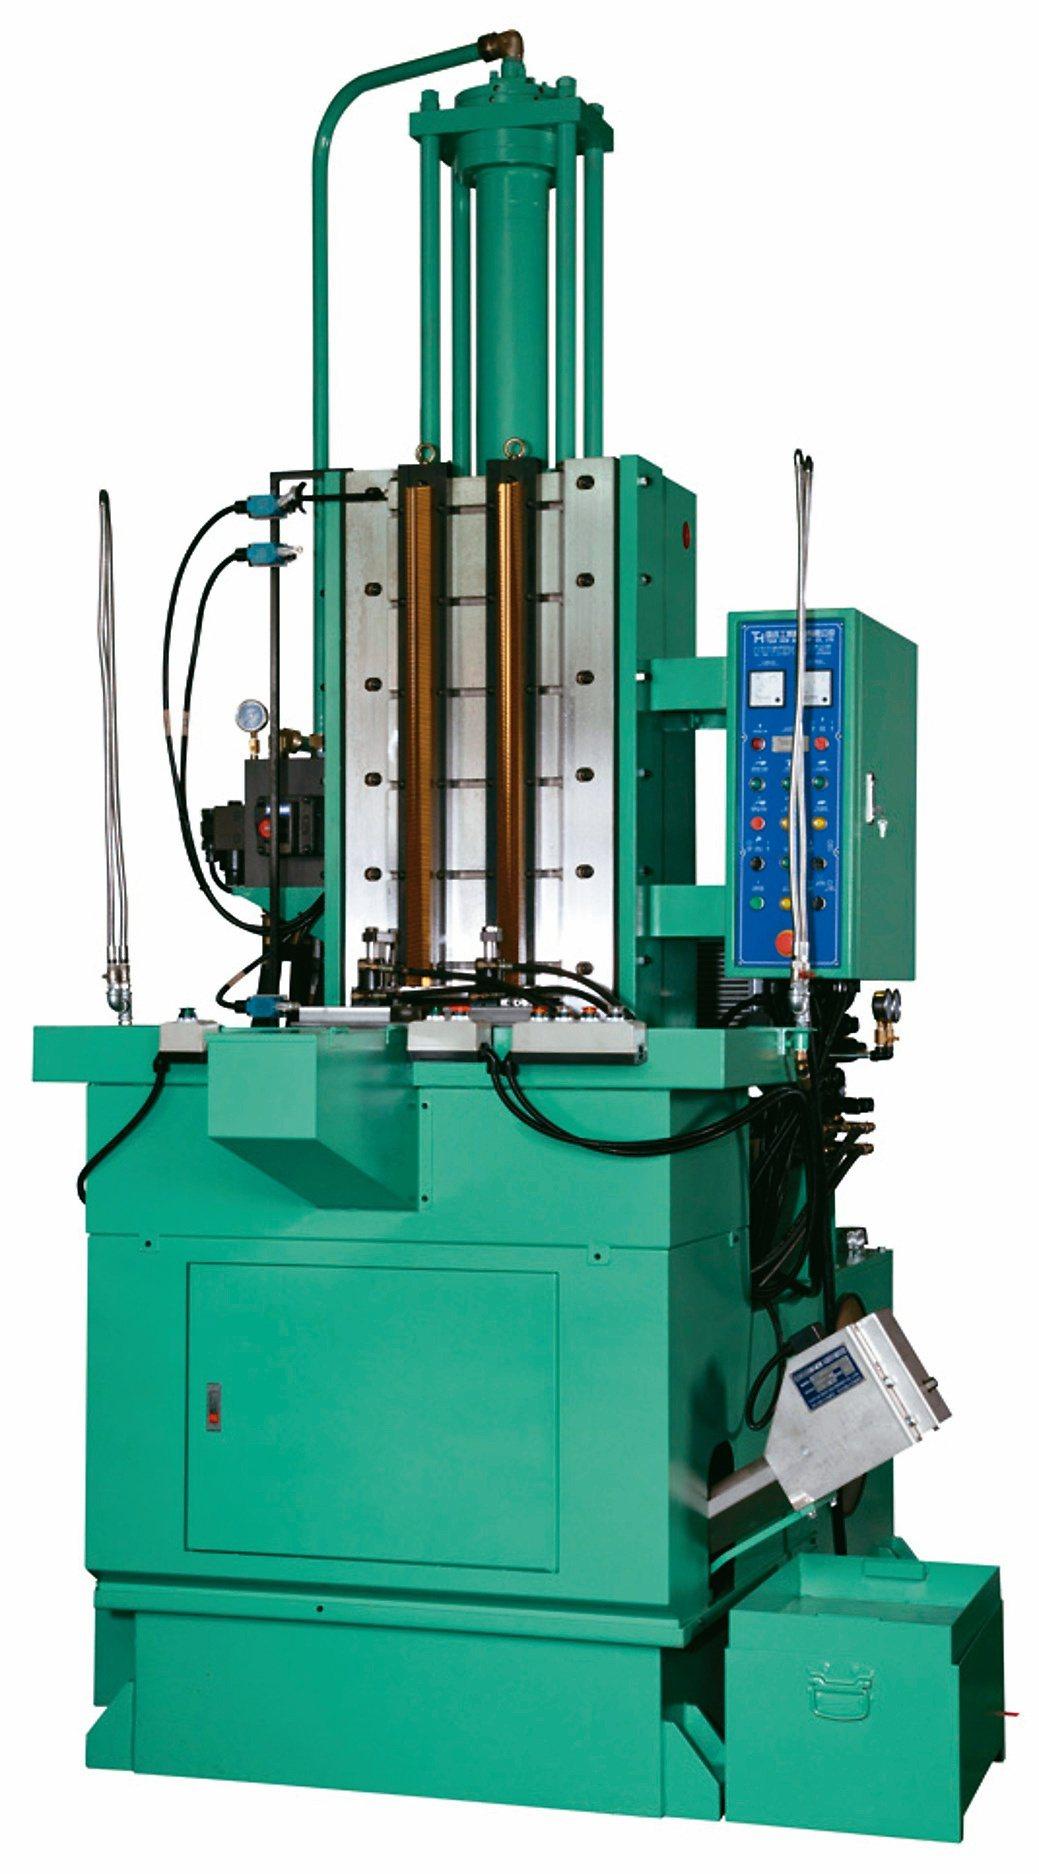 璨鑫機械研製各式油壓立式拉床。璨鑫機械/提供